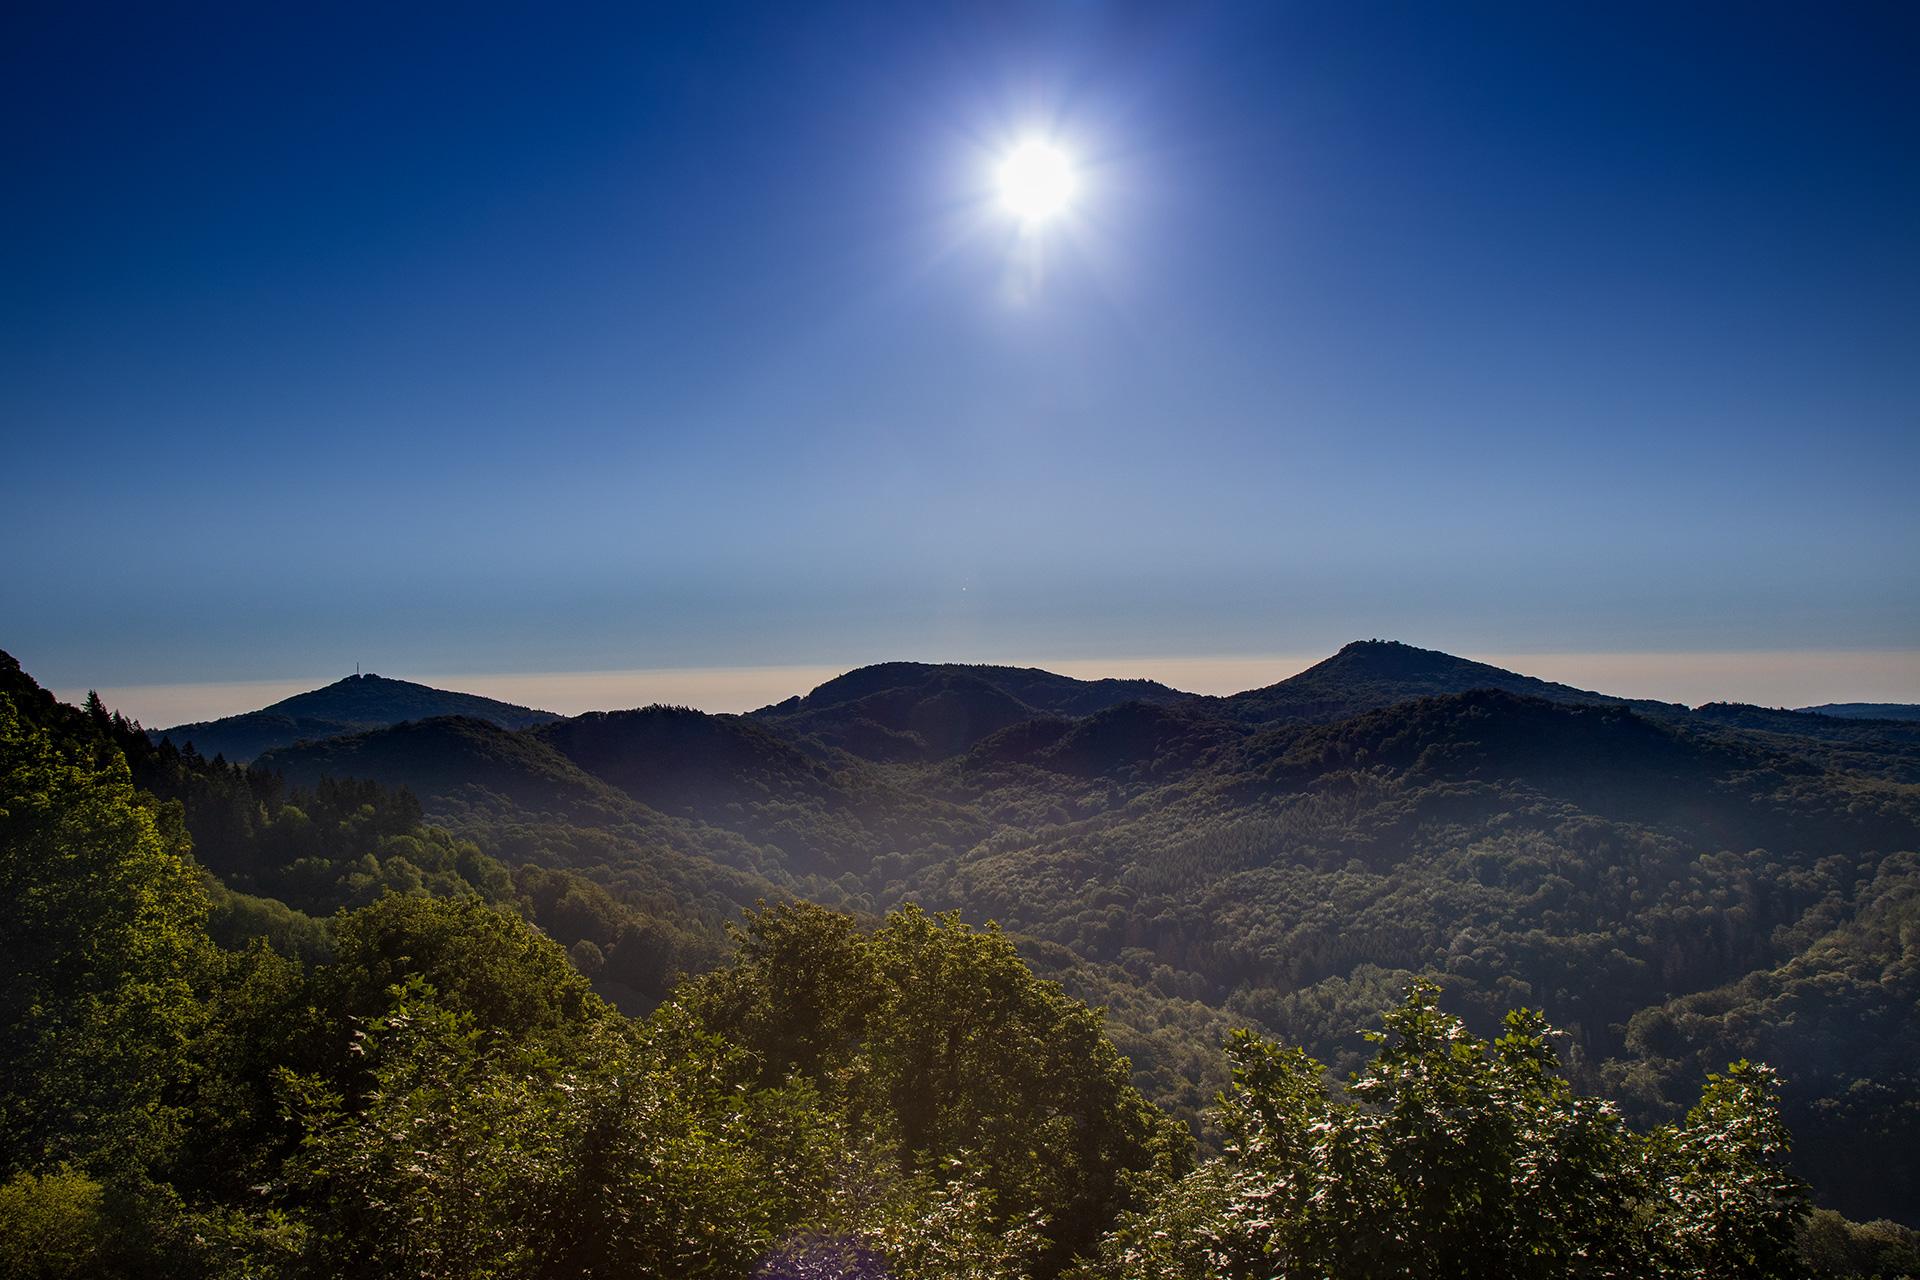 Das Siebengebirge etwa zwei Stunden nach Sonnenaufgang.